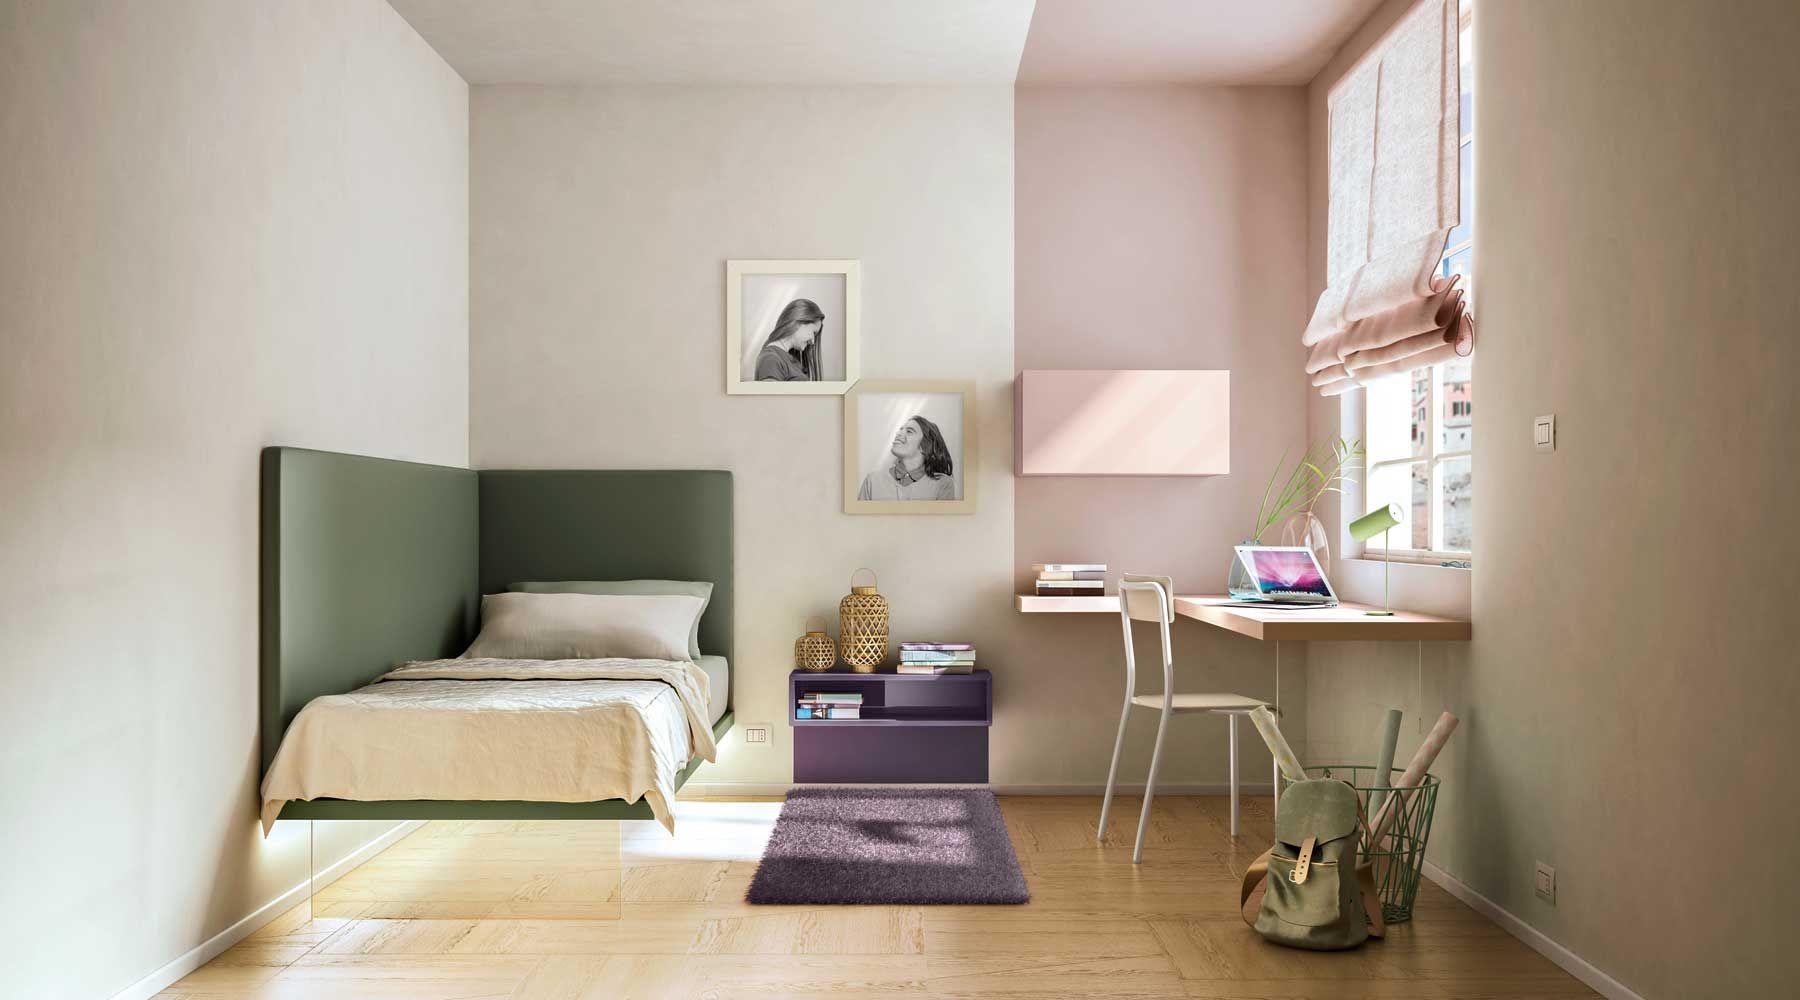 Una Cama De Esquina Perfecta Para Amueblar Habitaciones Peque As  ~ Amueblar Habitacion Juvenil Pequeña